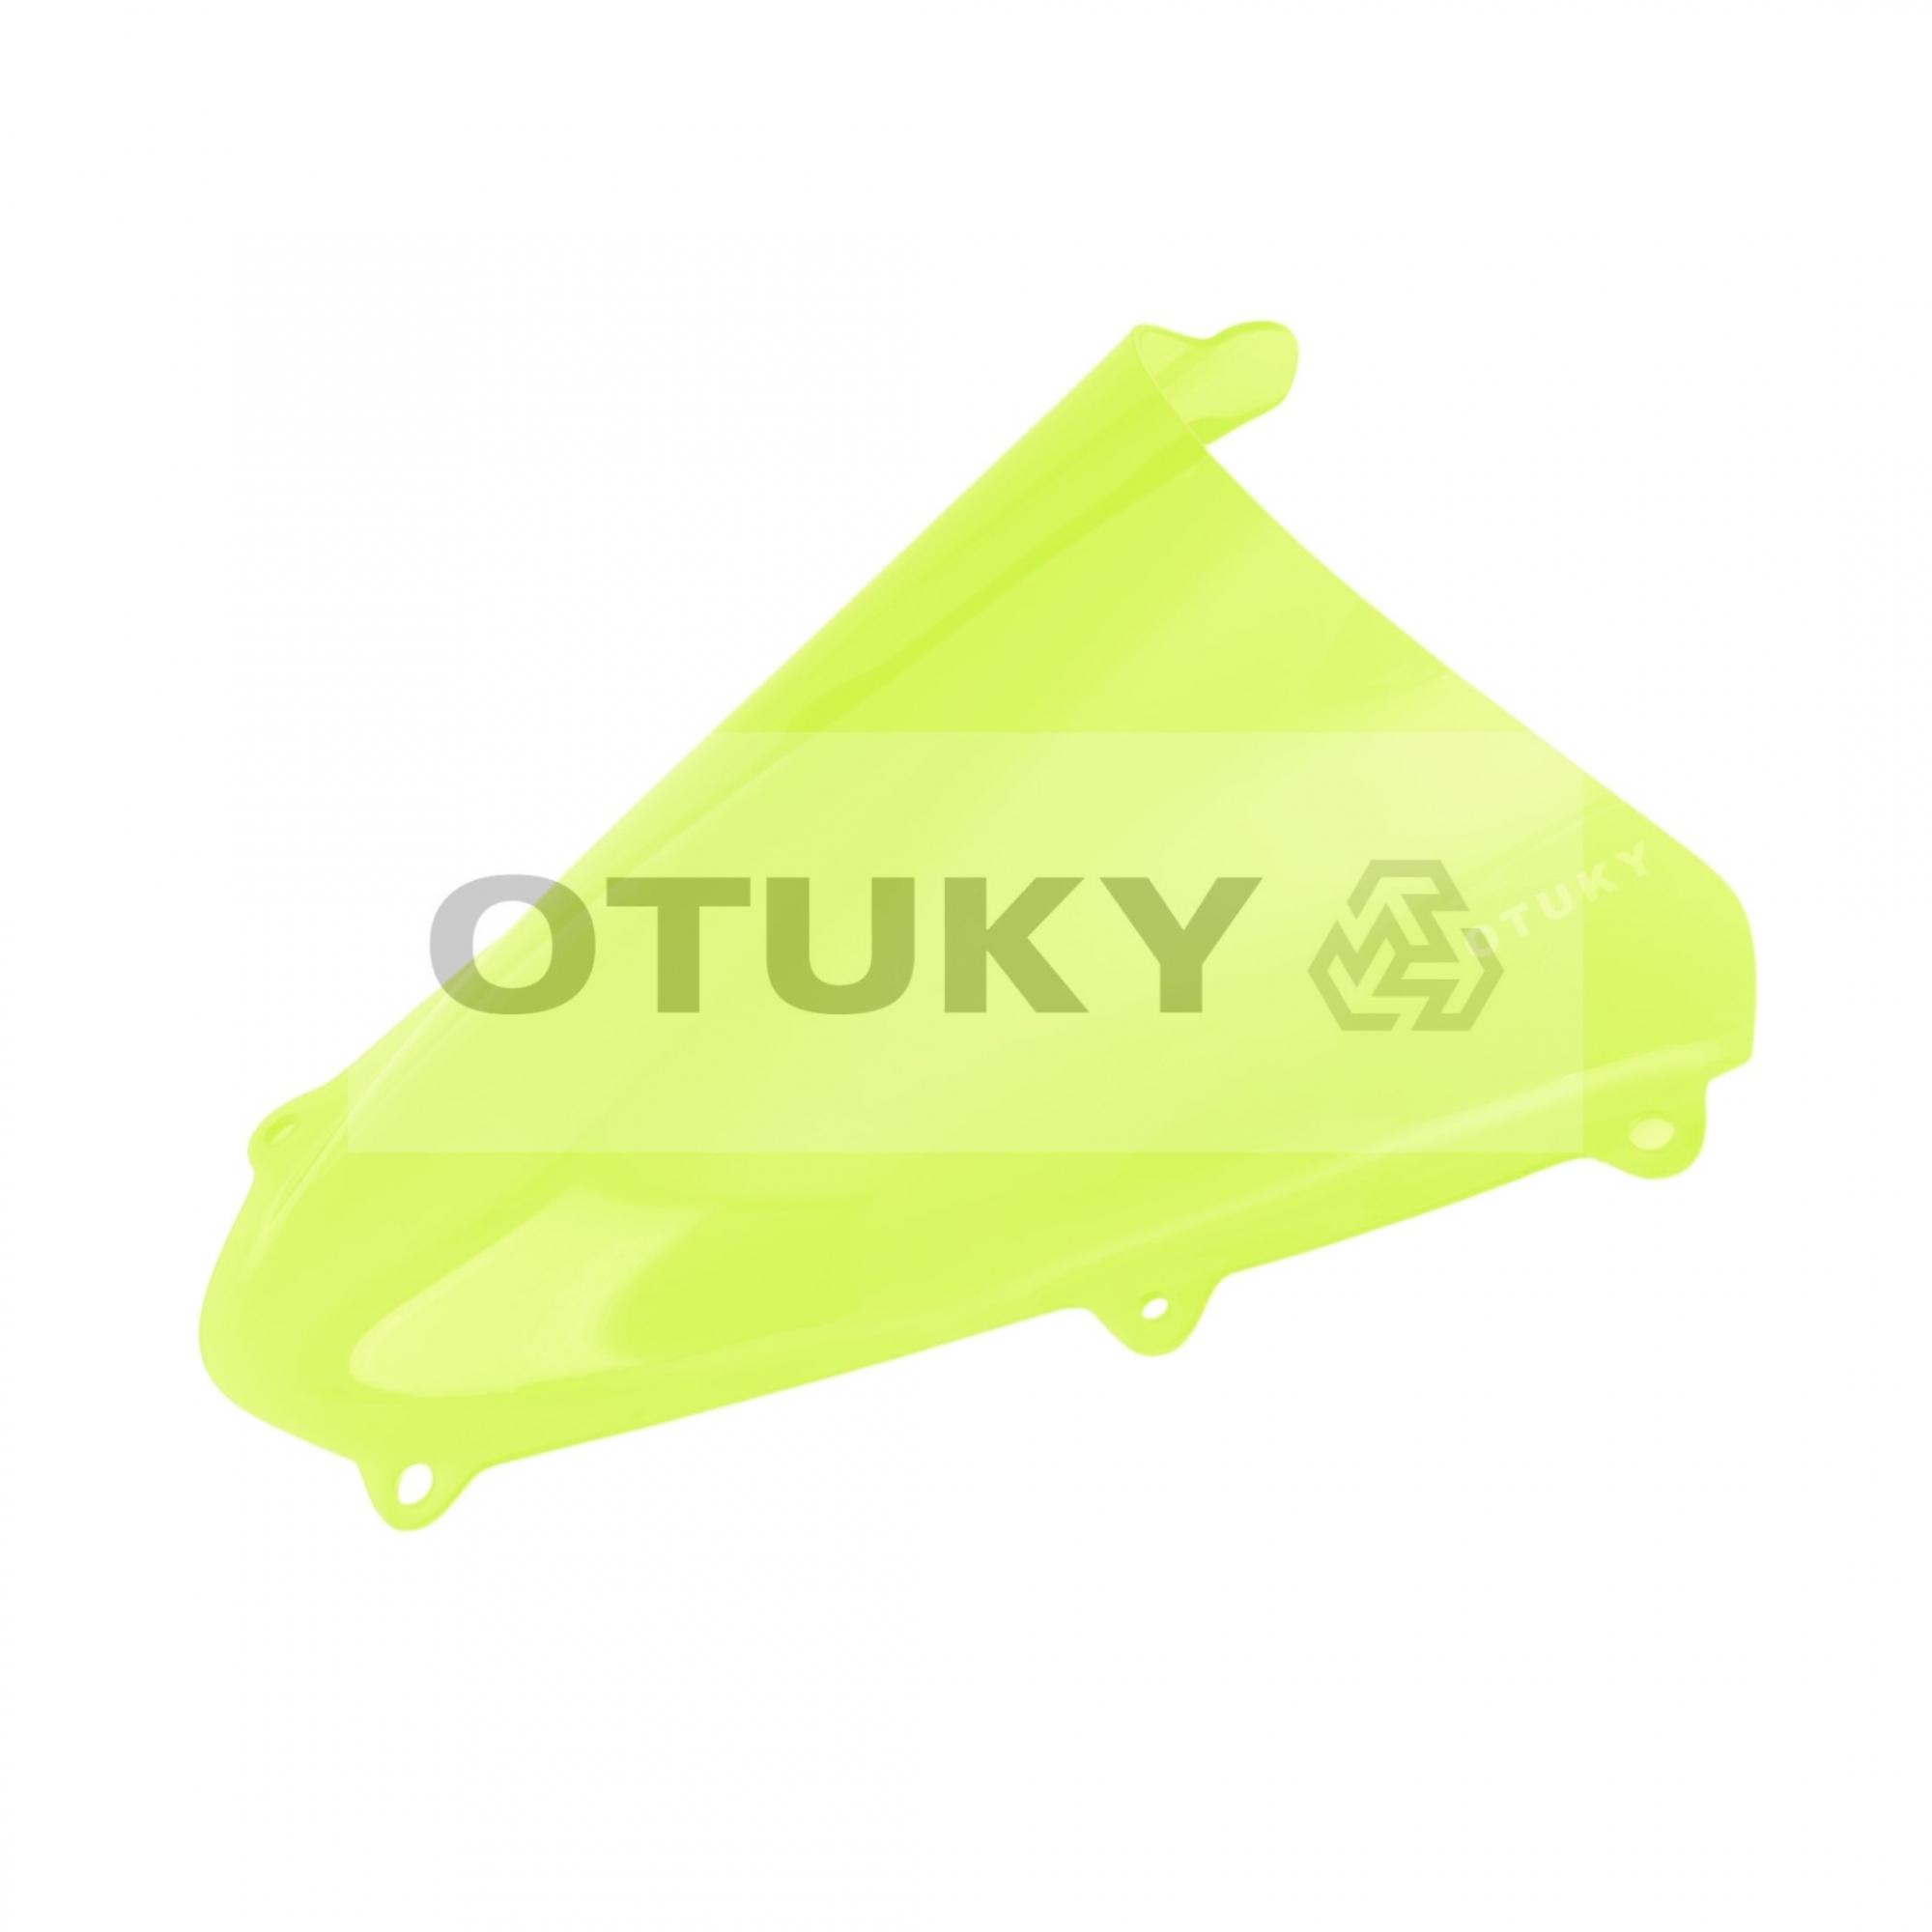 Bolha para Moto Srad 1000 Gsx-R 2011 2012 2013 2014 2015 2016 2017 Otuky Verde Fosforescente